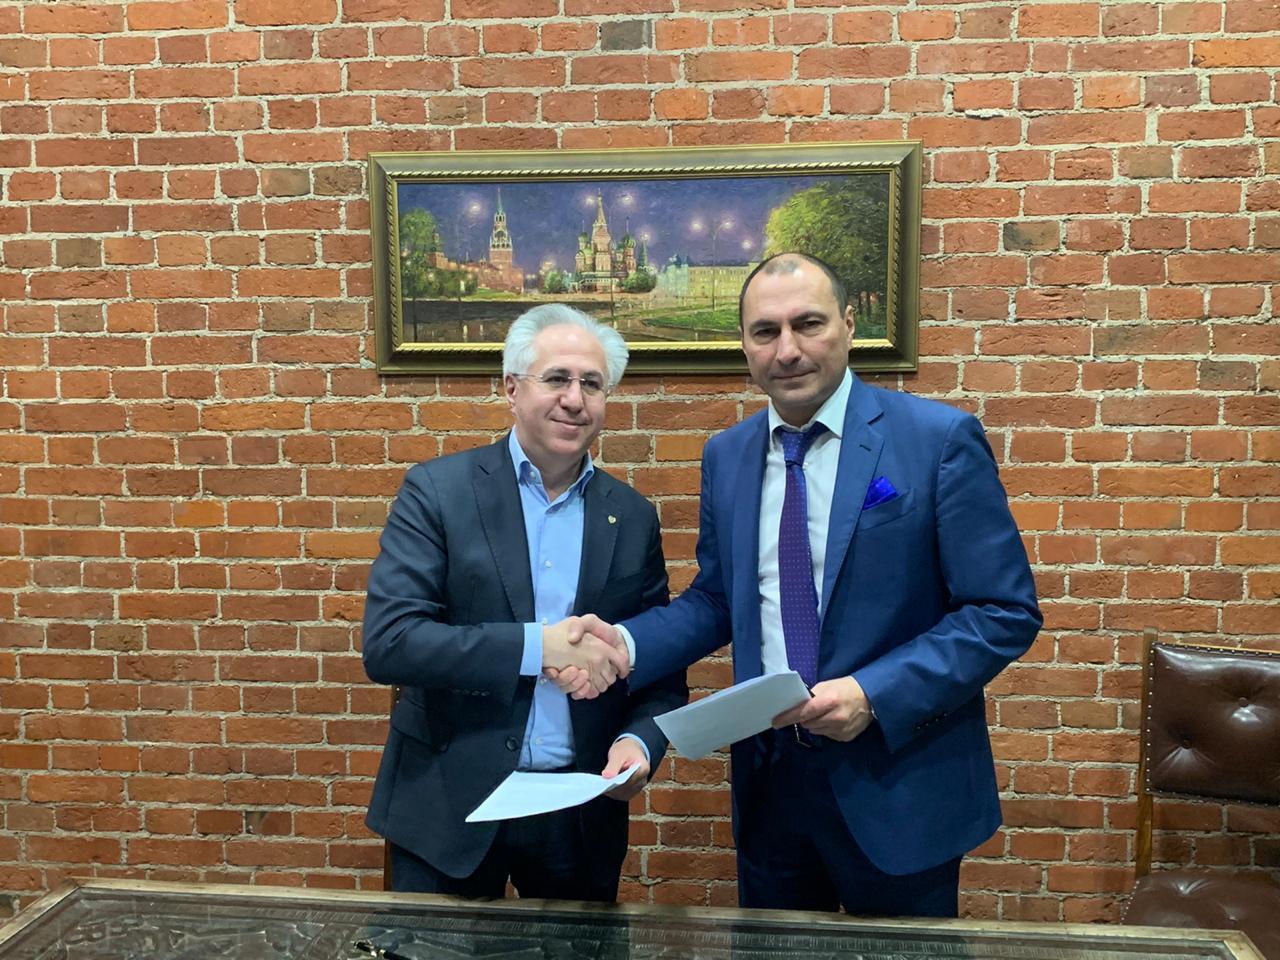 НАПИ и Российское экологическое общество подписали соглашение о сотрудничестве